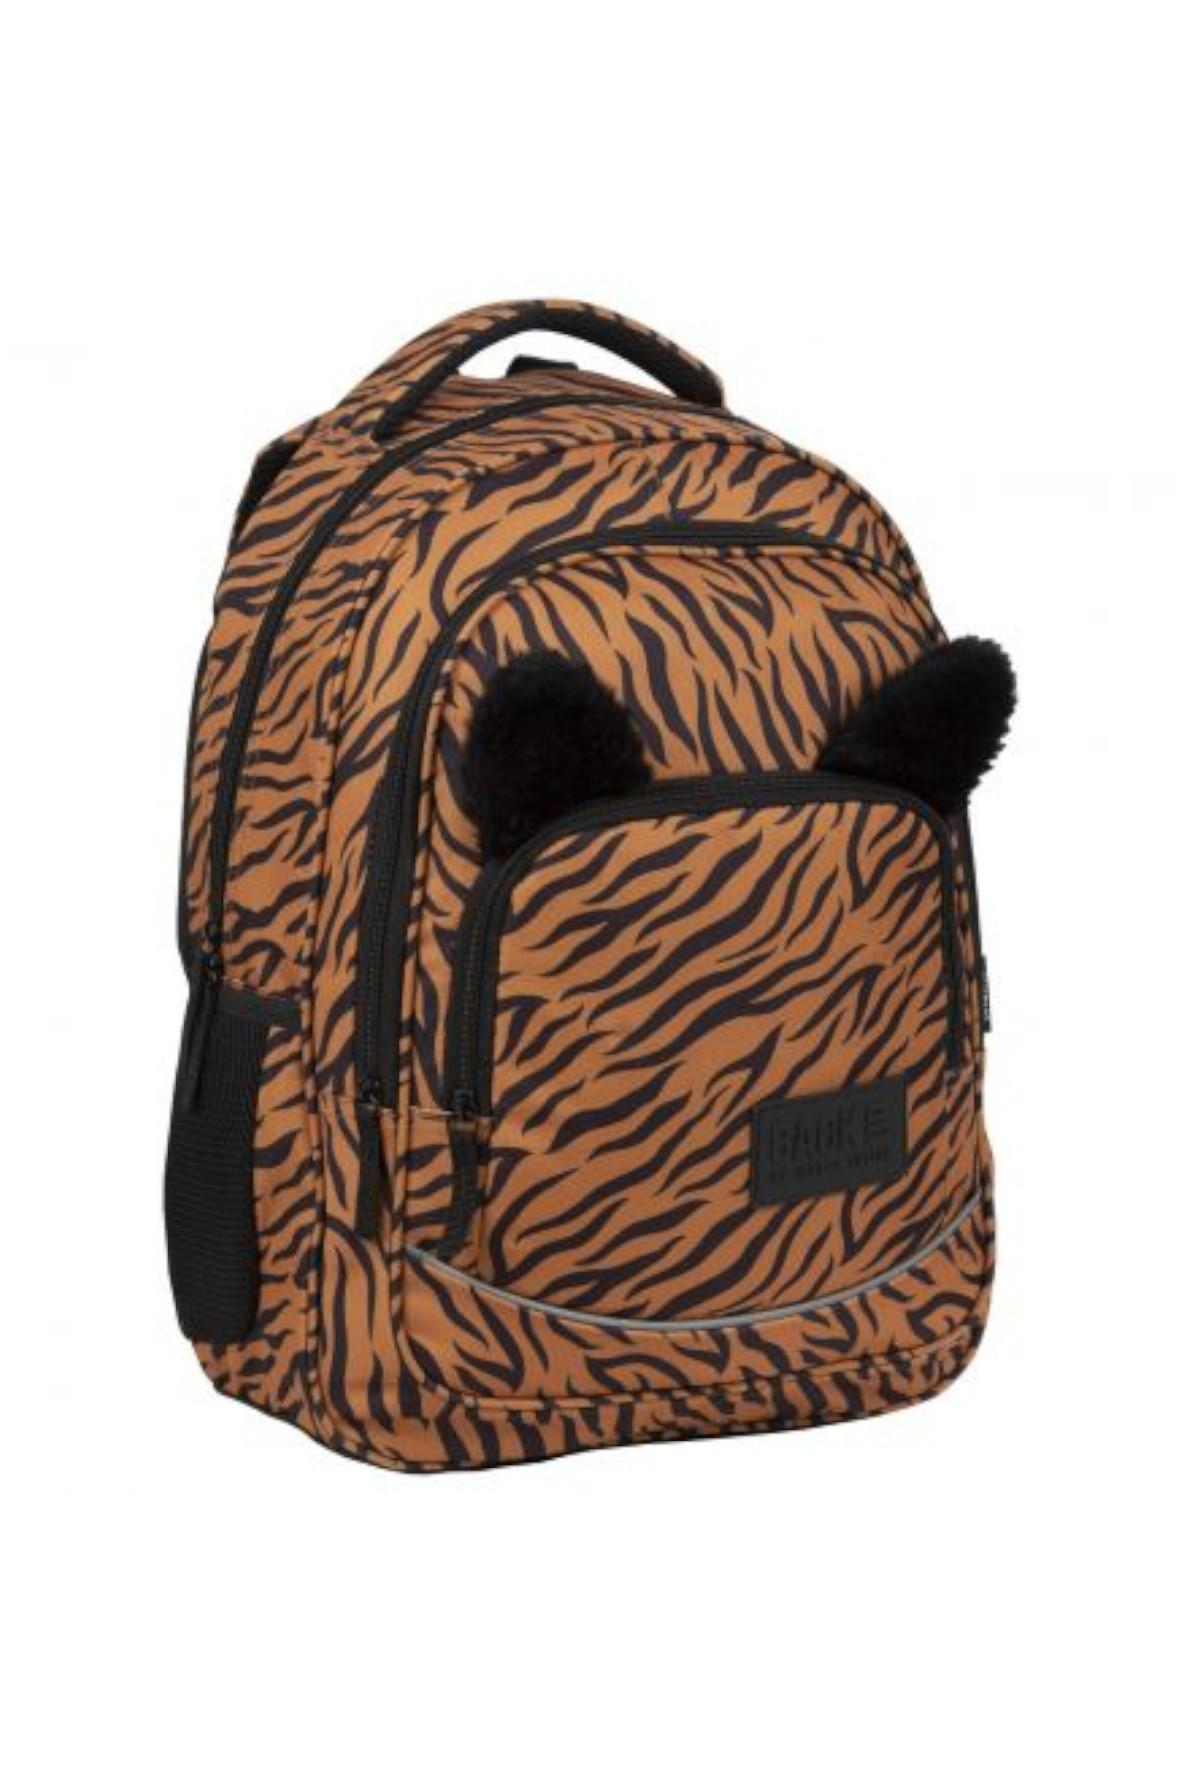 Plecak szkolny  dziewczęcy Tygrys